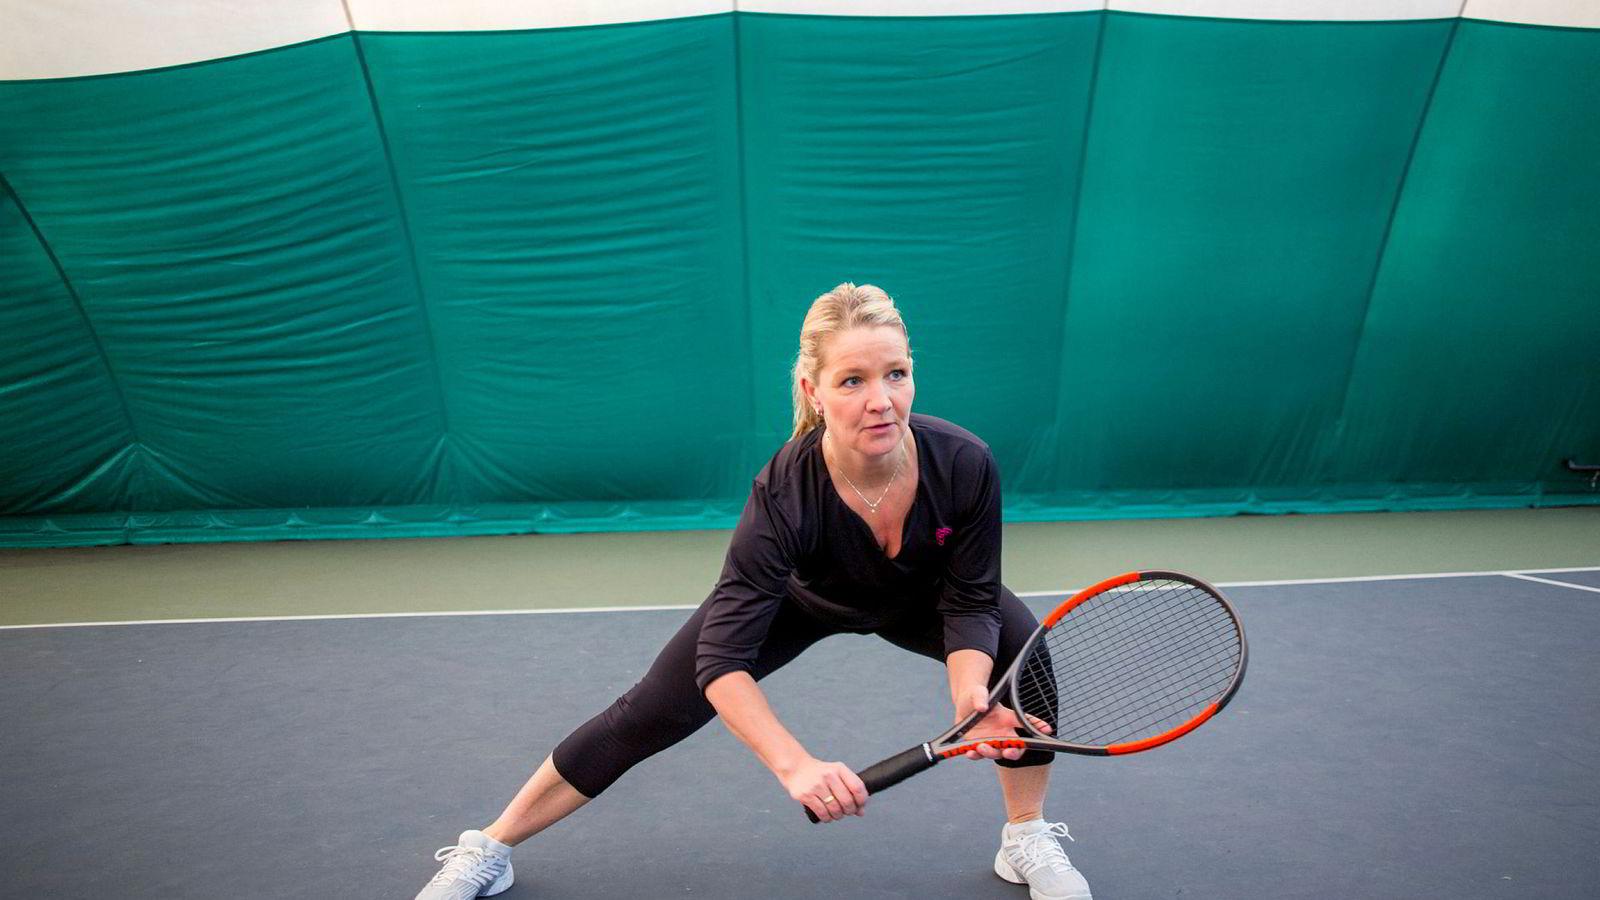 Lise Østmoe droppet styrketreningen da hun ble hektet på tennis. Det resulterte i en real skadesmell. Selv er hun er overbevist om at smellen skyldtes svakere hofte-, mage- og kjernemuskulatur.